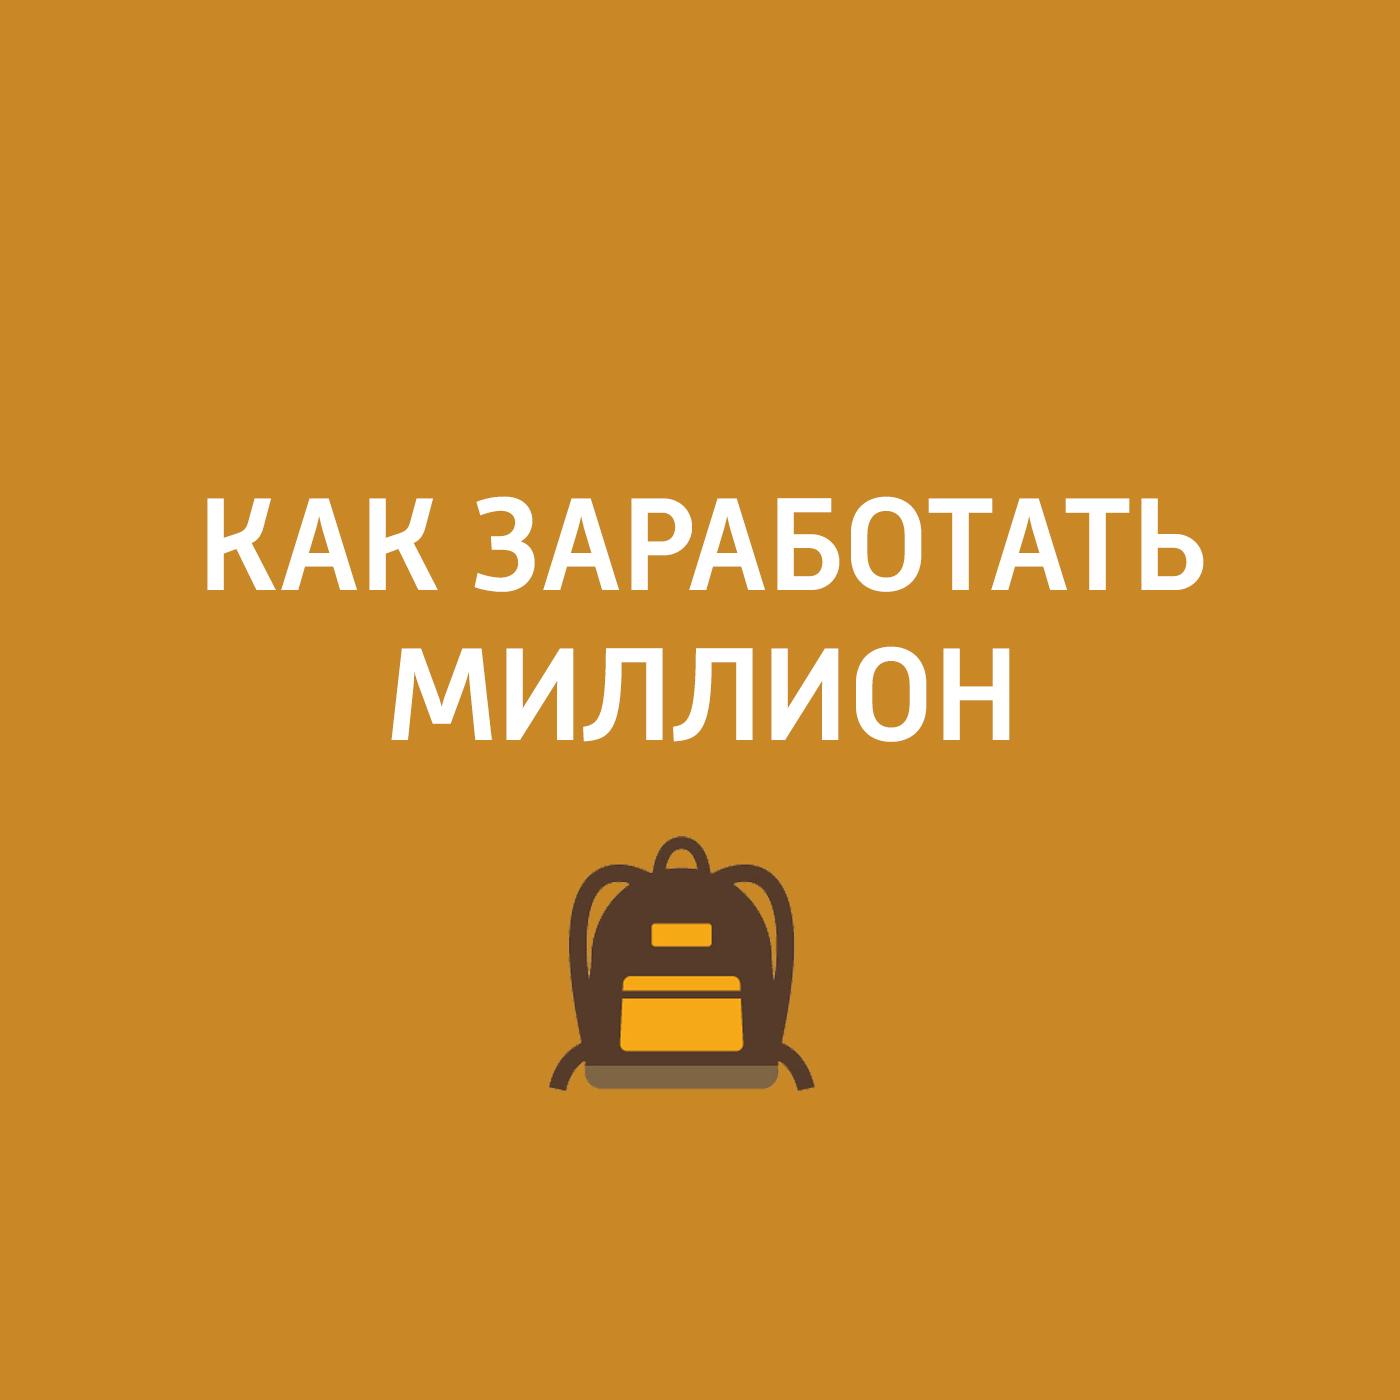 Торческий коллекти шоу «Сергей Стиллаин и его друзья» Fresh Café